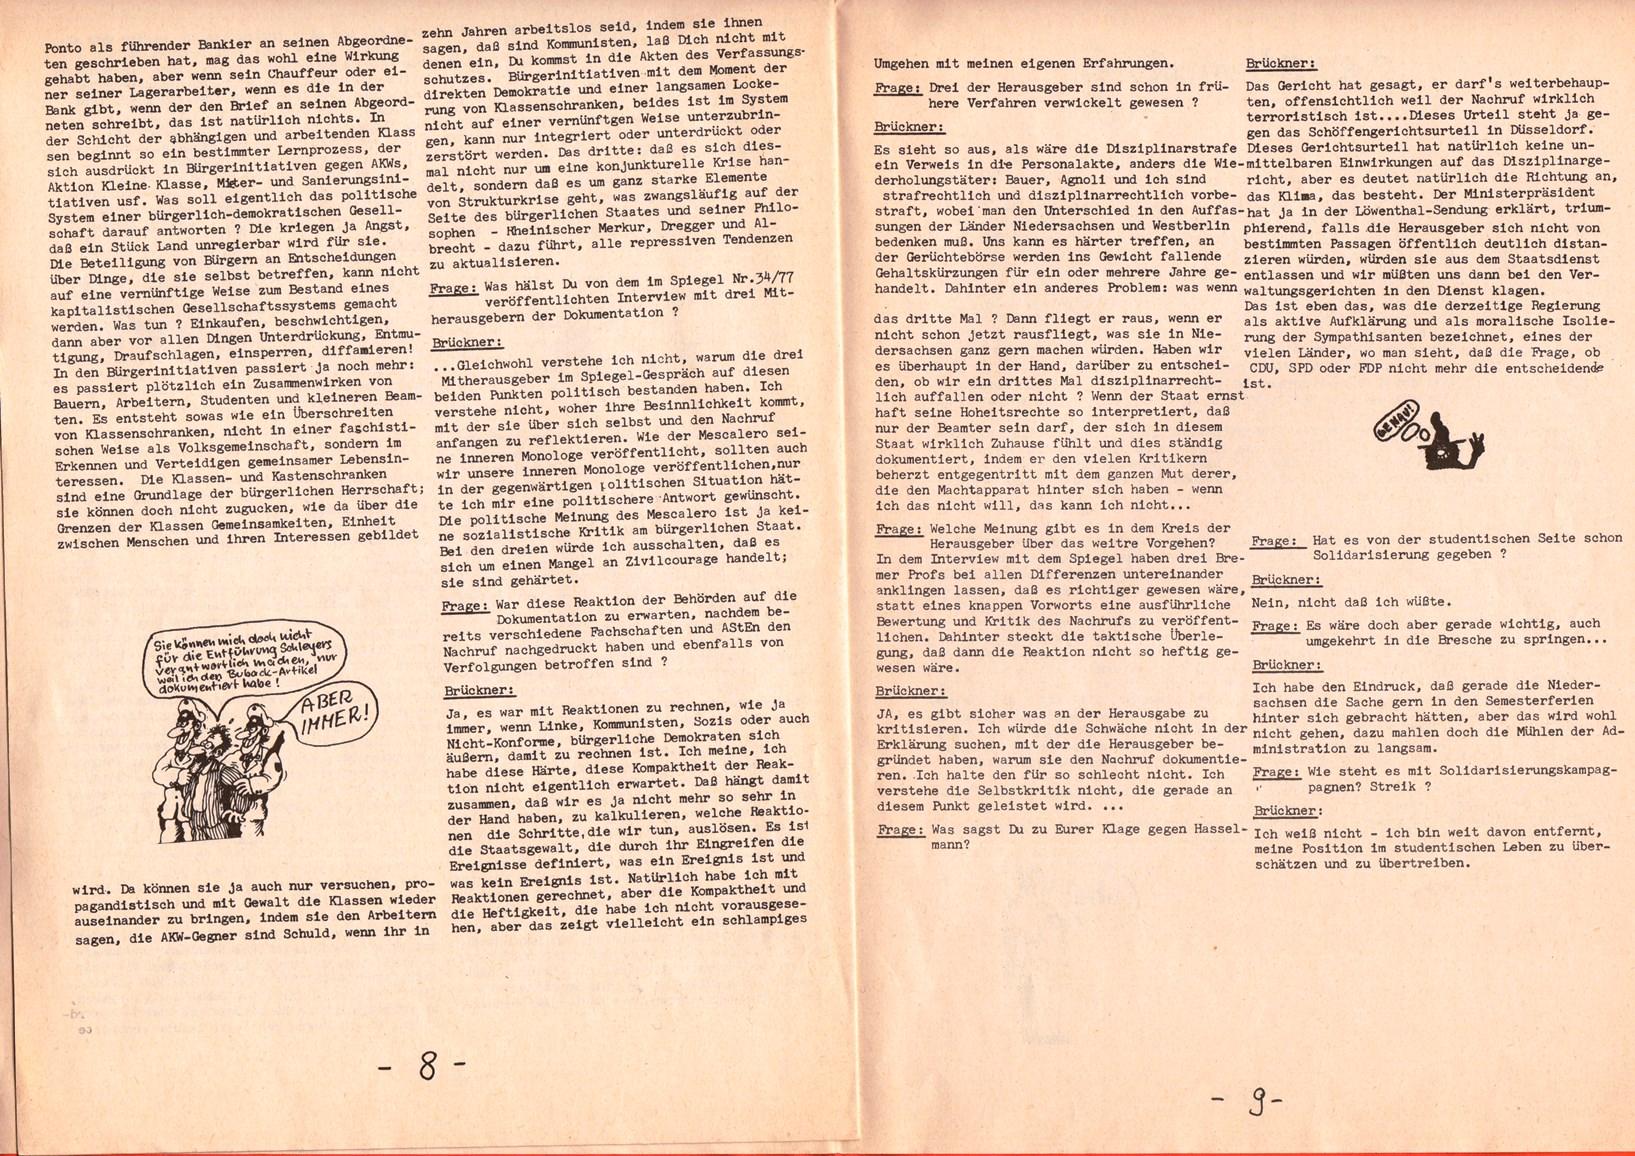 Hannover_Anti_Repressions_Info_02_1977_05